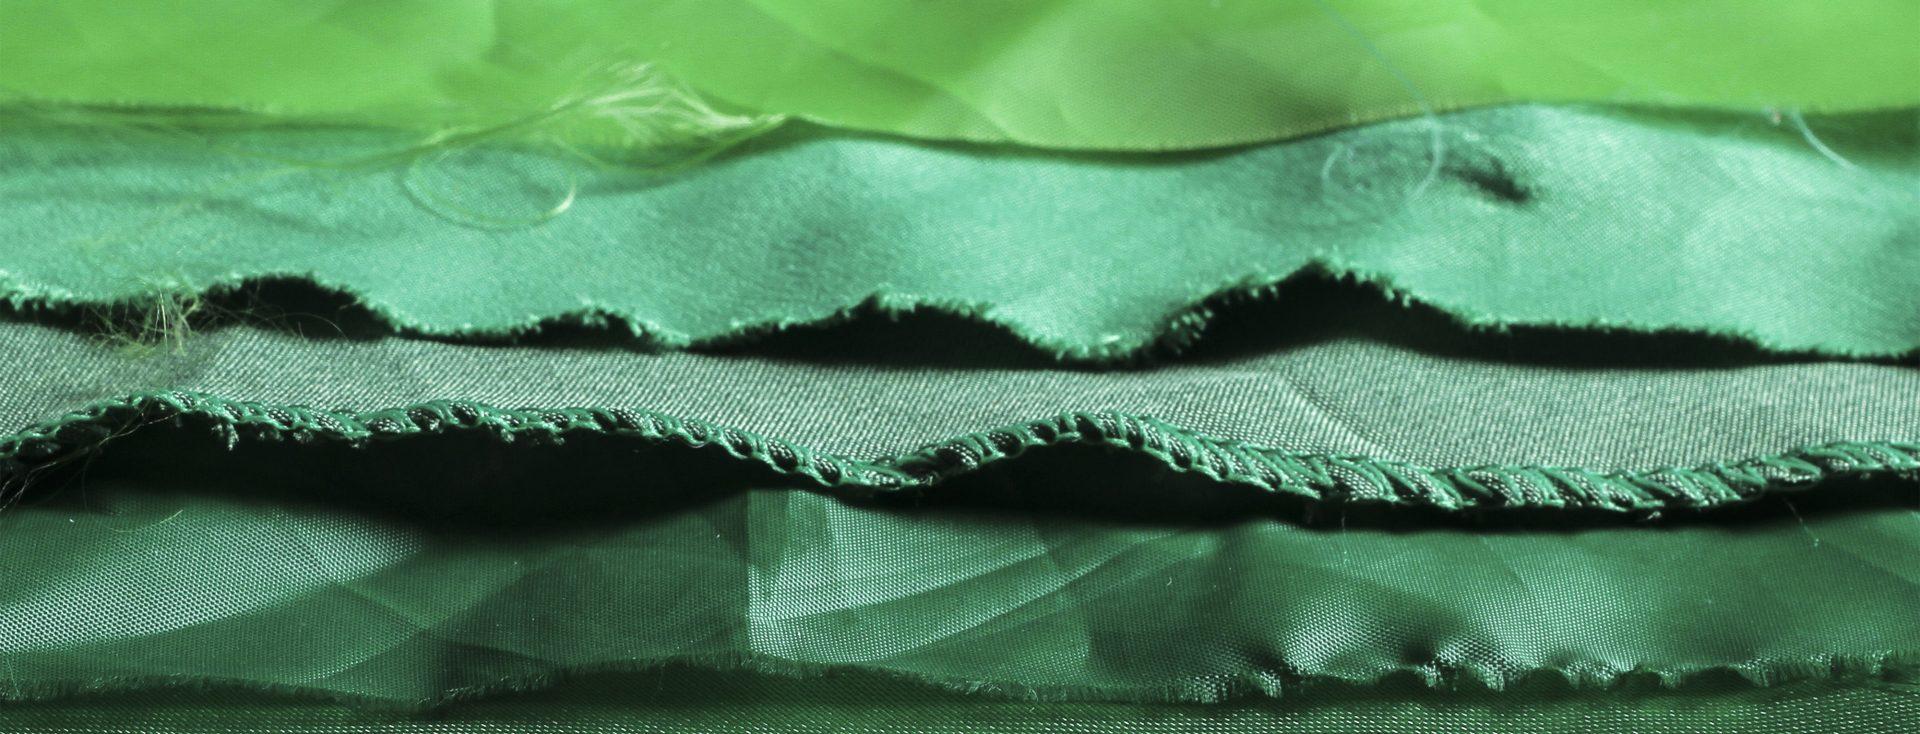 Modos de uso: un ensayo sobre el pañuelo verde